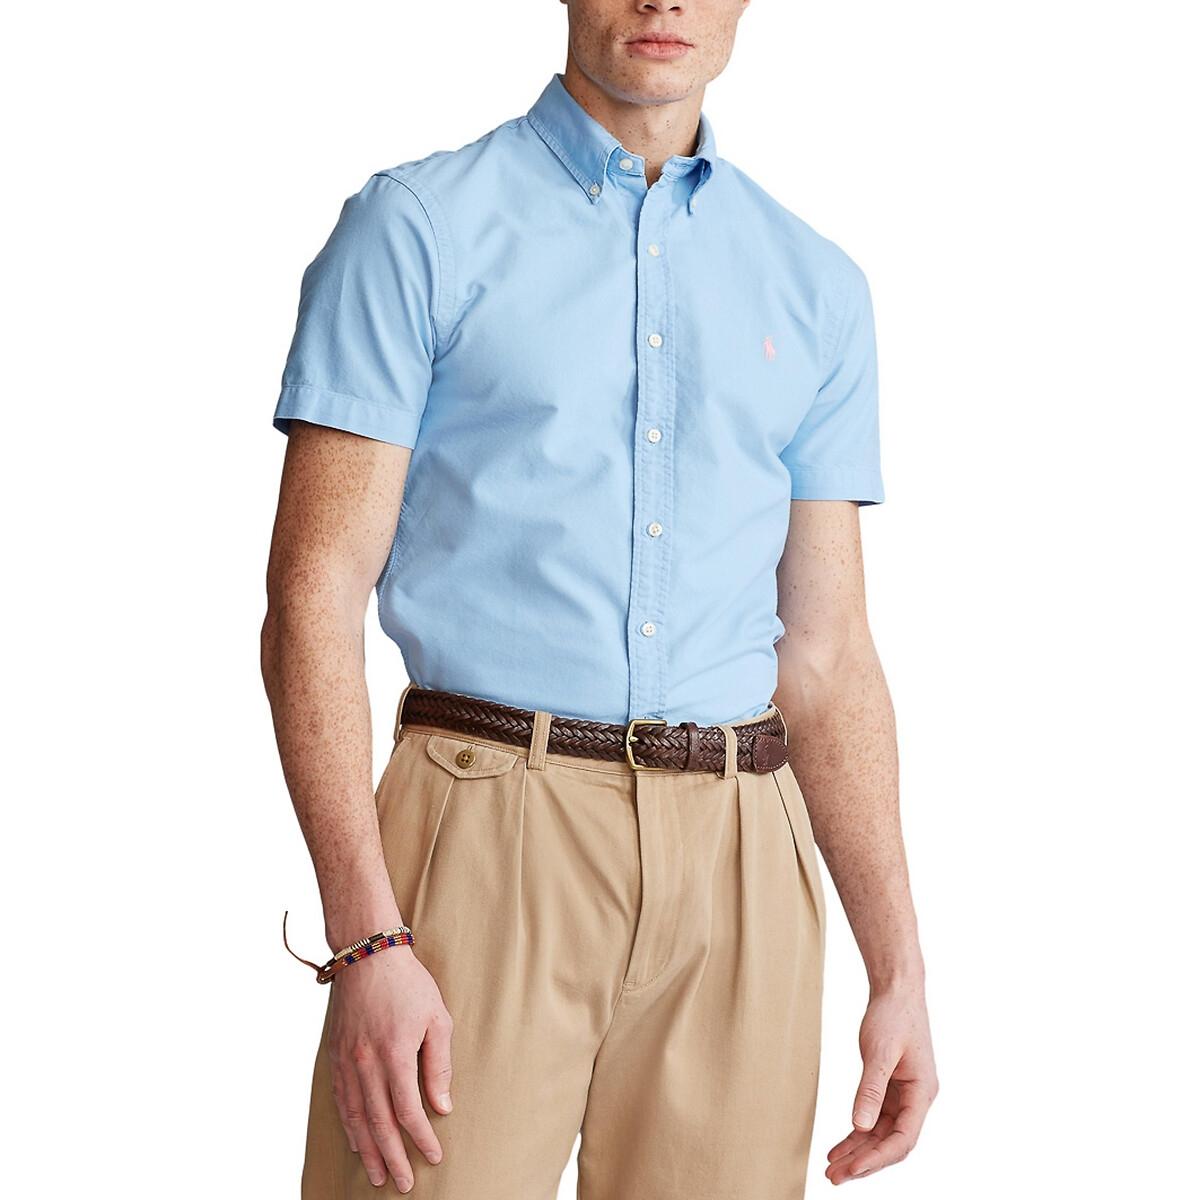 Рубашка La Redoute Слим из ткани оксфорд XL синий рубашка la redoute из ткани оксфорд 16 лет 162 см синий